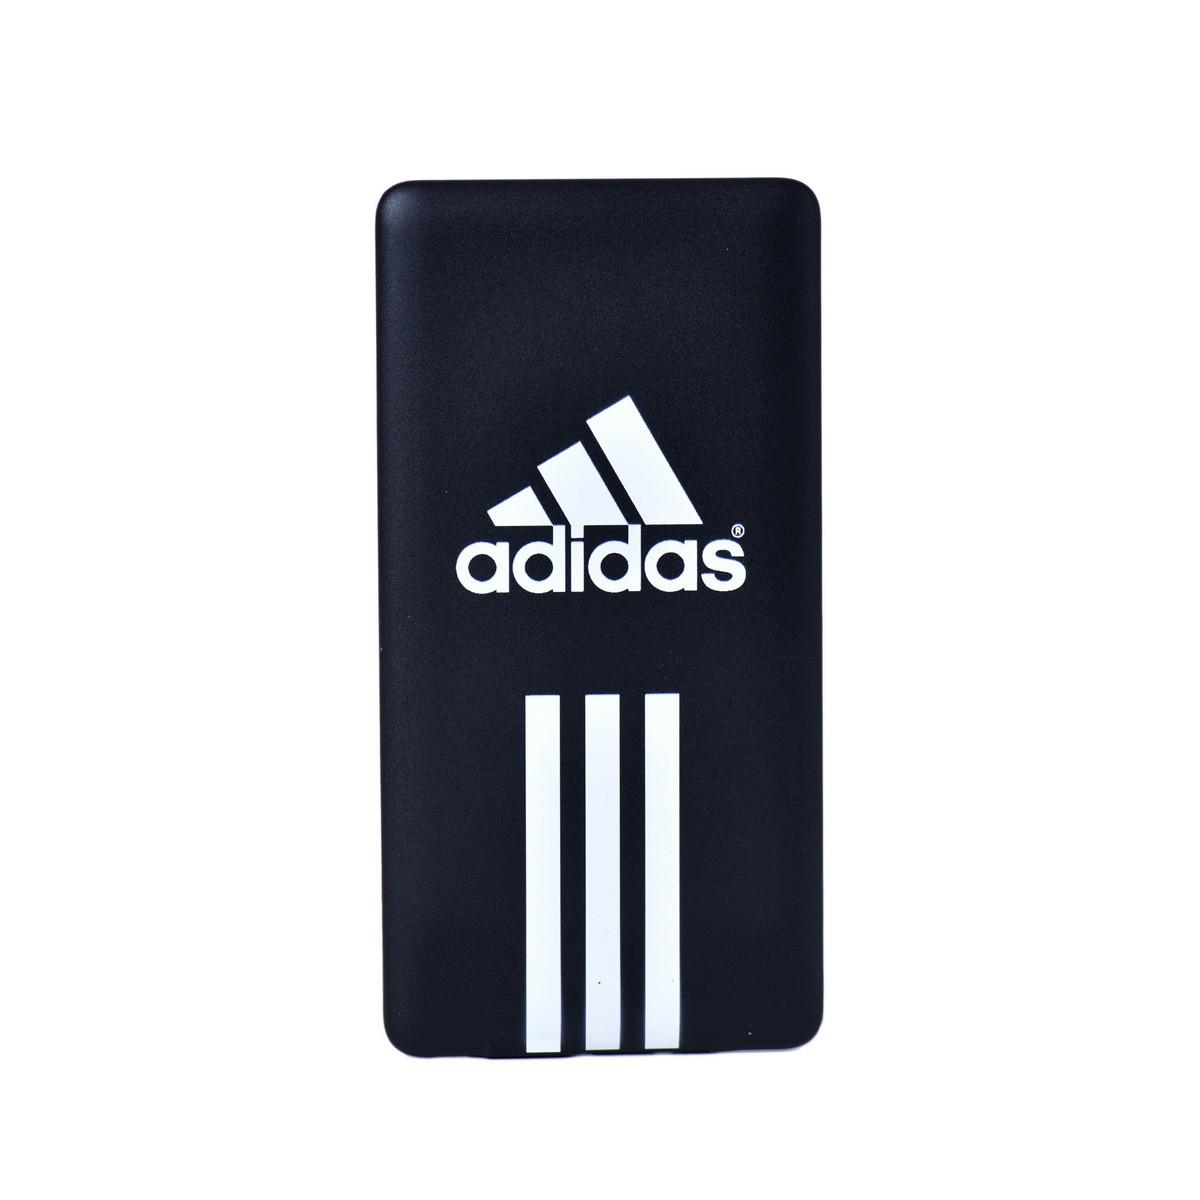 Power bank V84 Adidas 4800mAh 1XUSB Black/White